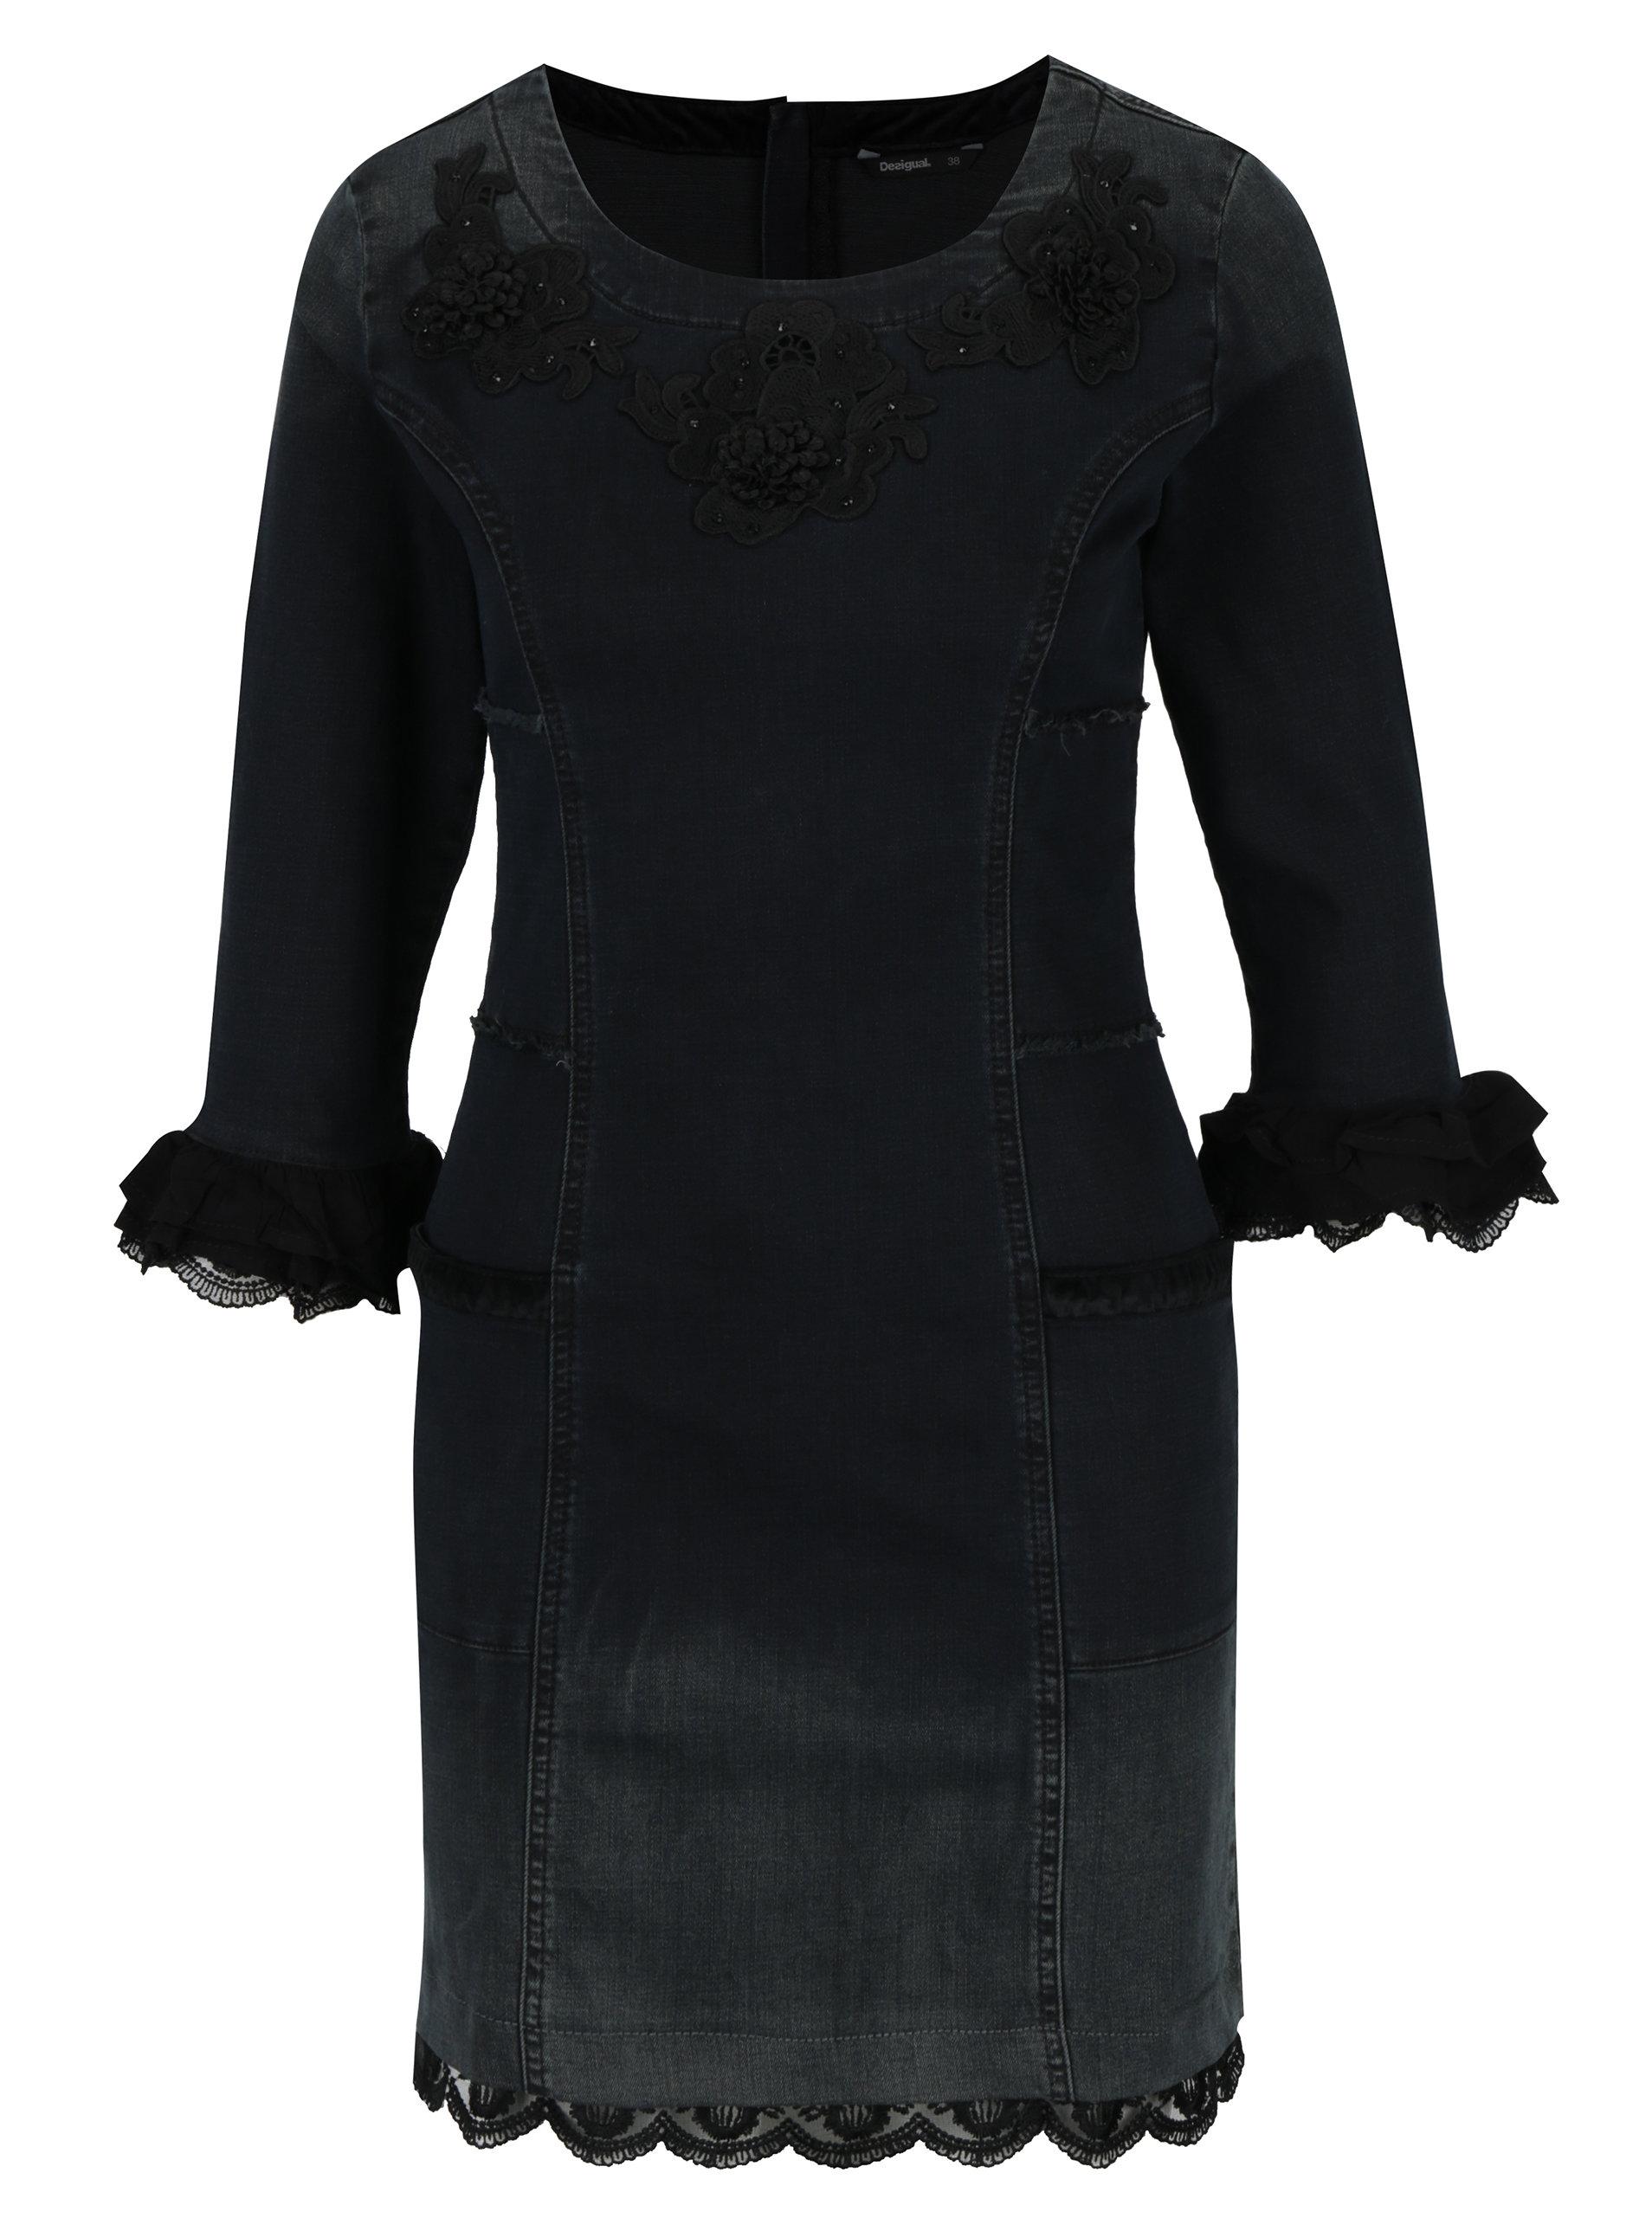 Tmavě šedé džínové šaty s výšivkou a krajkou Desigual Agnés ... 28d6b9ceaa6